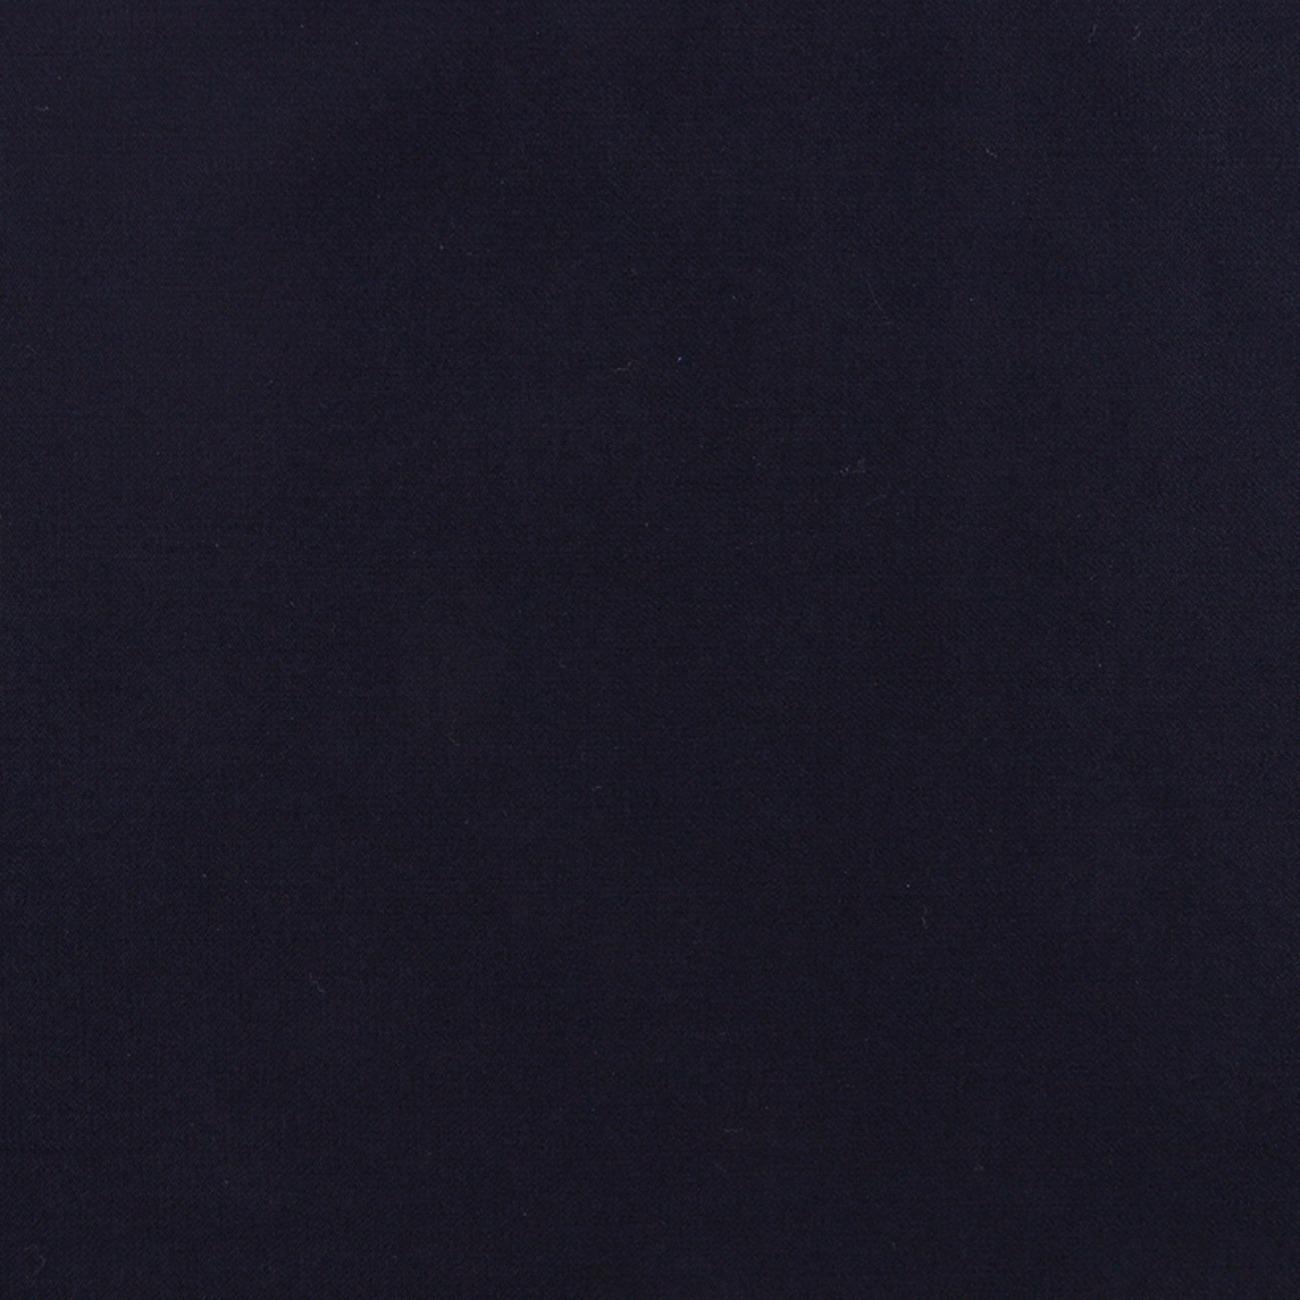 毛纺 素色 羊毛 染色 薄 精纺 西装 职业装 春秋 女装 男装 71122-66